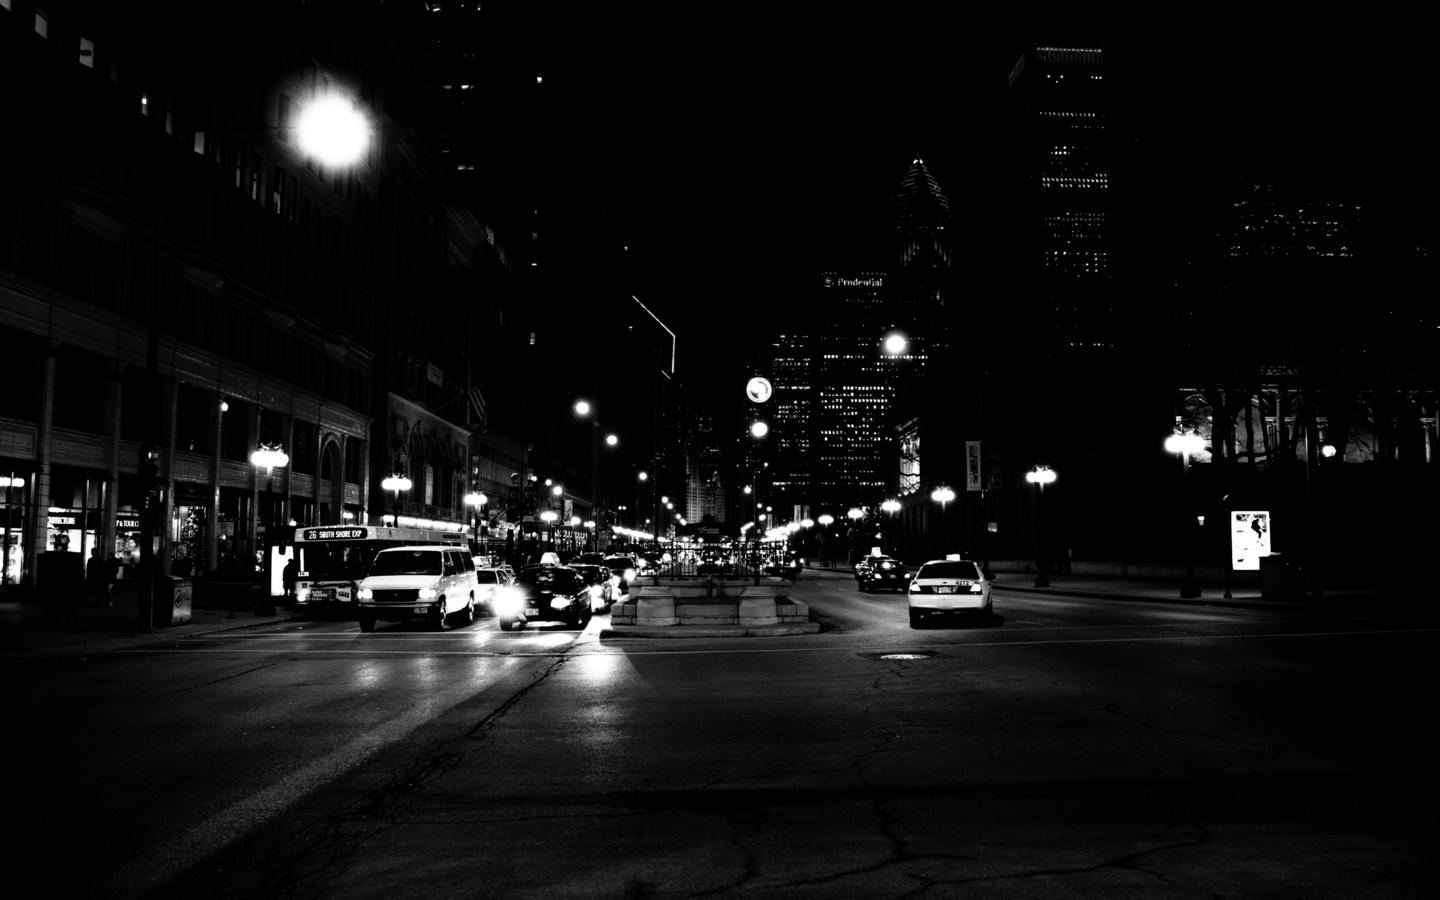 ночь, Чикаго, сша, чикаго, америка, небоскребы, здание